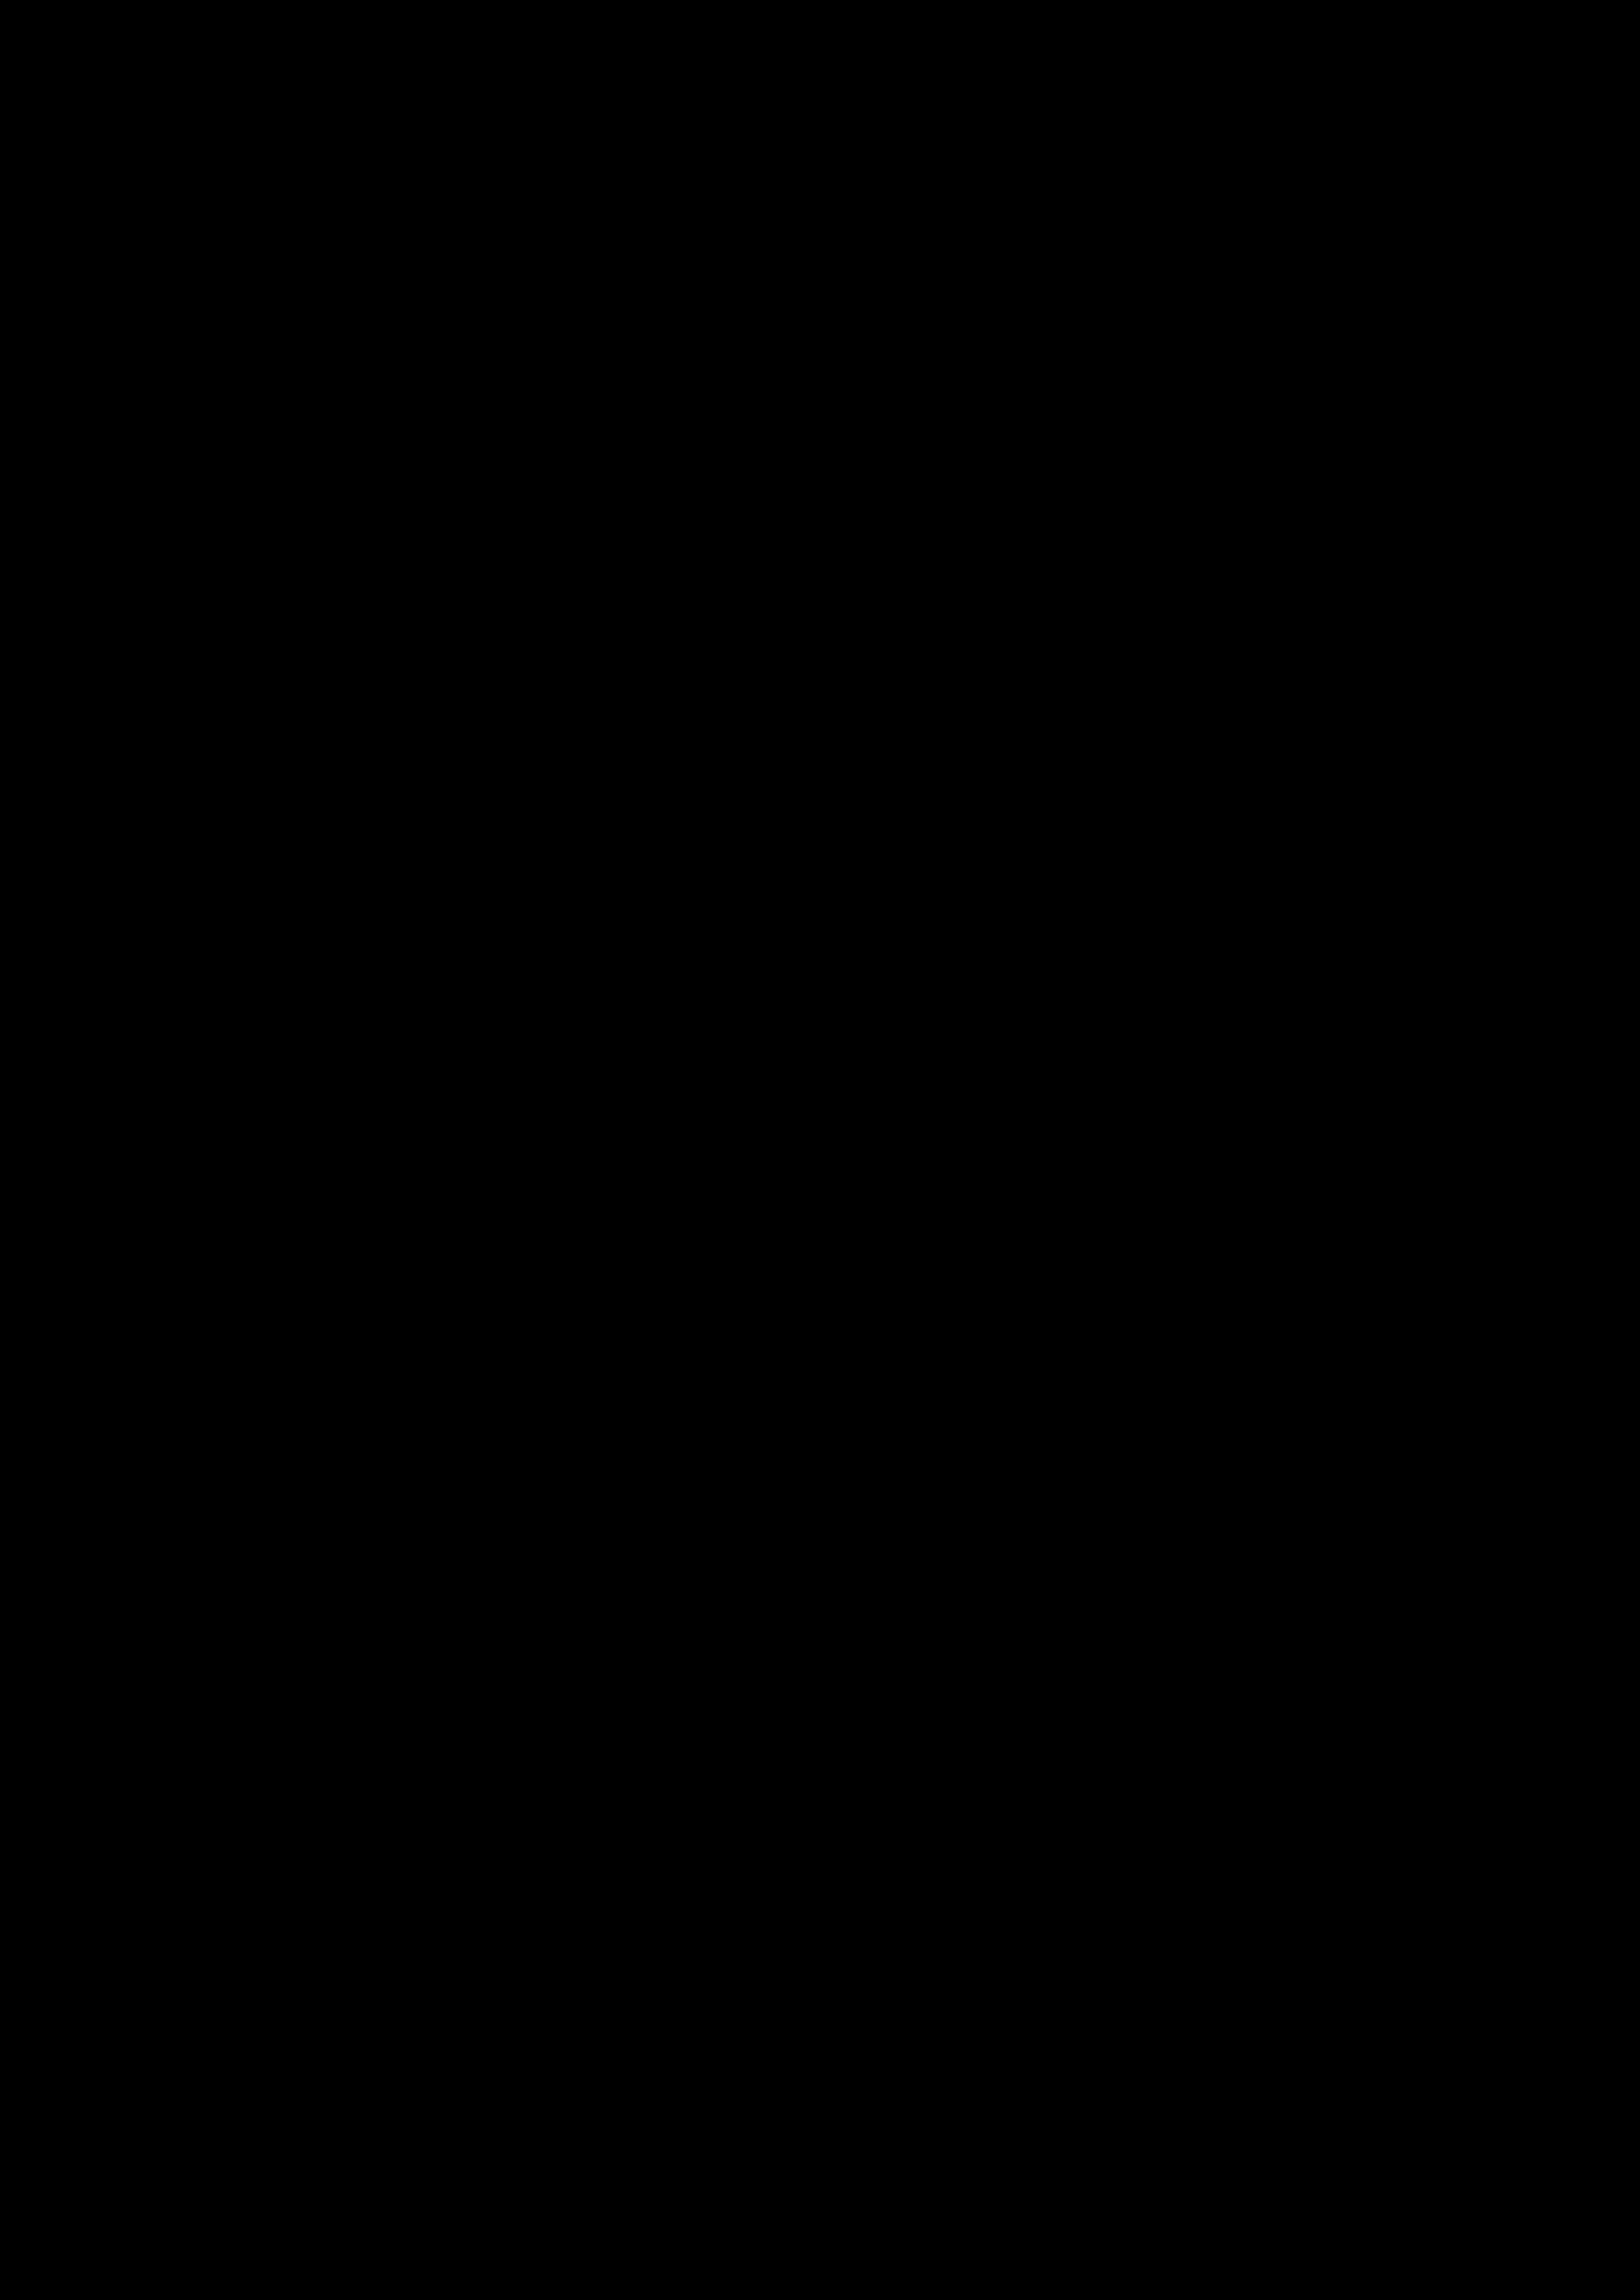 Rockx 2019 Vorbereitungen